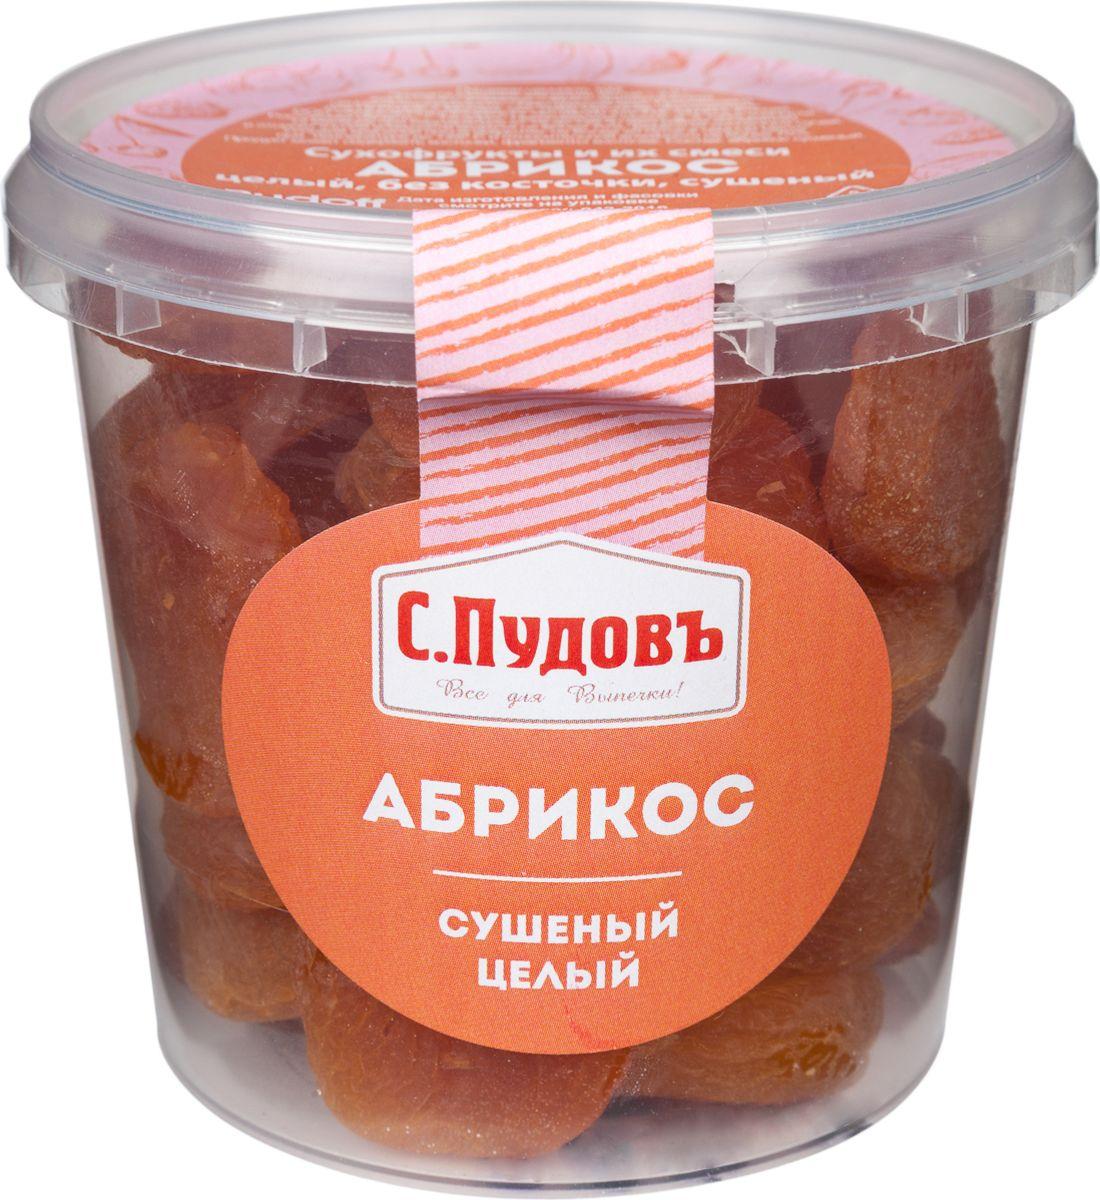 Пудовъ абрикос сушеный целый, 250 г